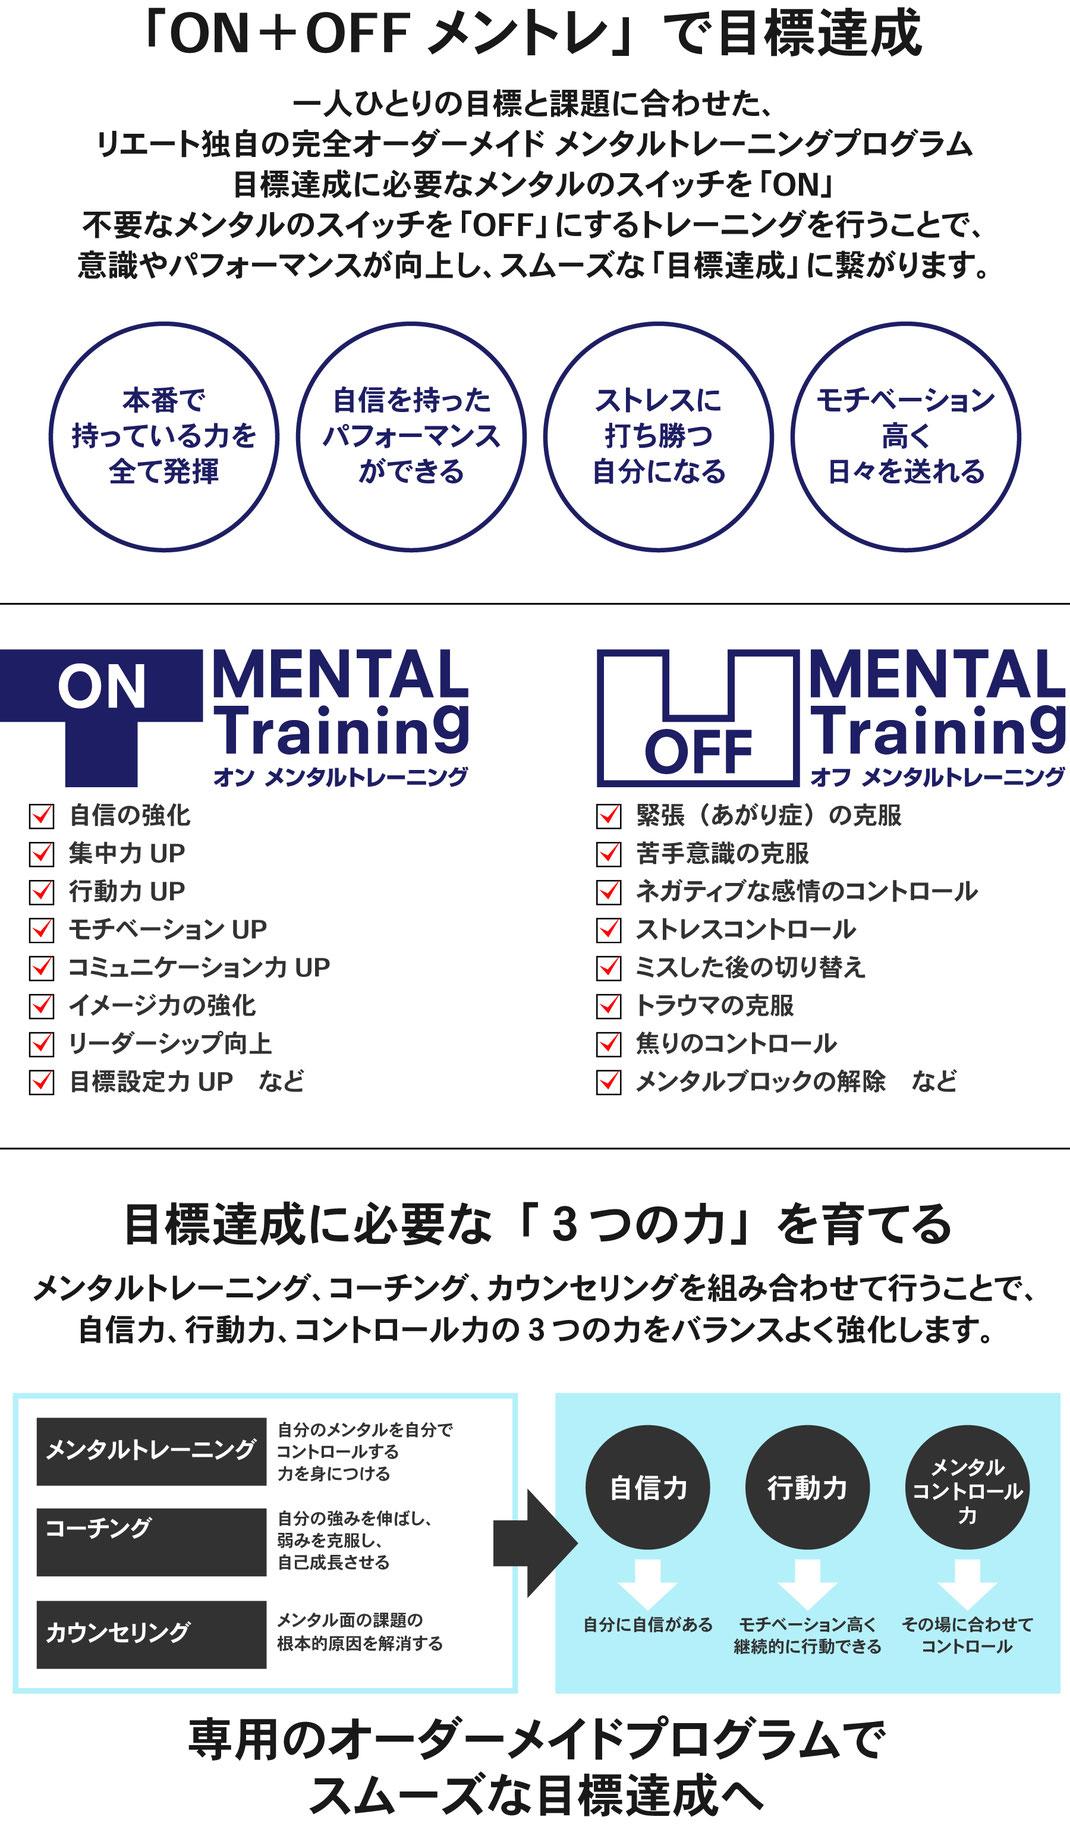 メンタルトレーニング、メンタルトレーナー、目標達成、緊張、自信、感情、夢を叶える、モチベーション、コーチング、集中力、イメージトレーニング